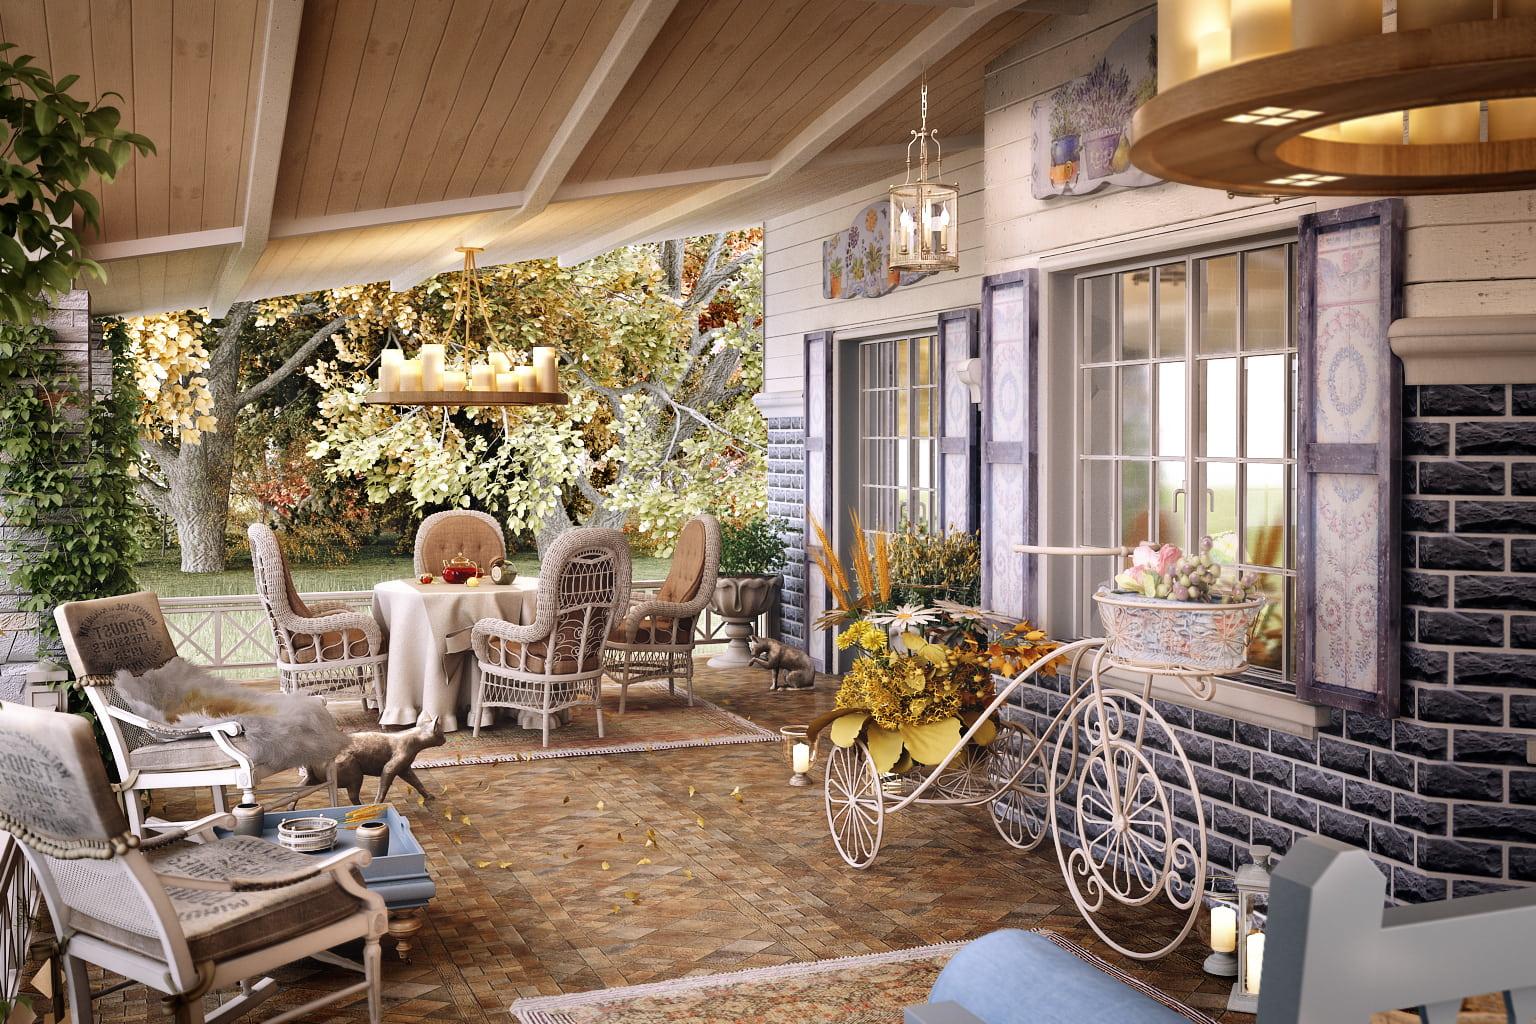 Веранда в стиле прованс - станет вашим любимым уголком, где все наполнено теплом и романтикой